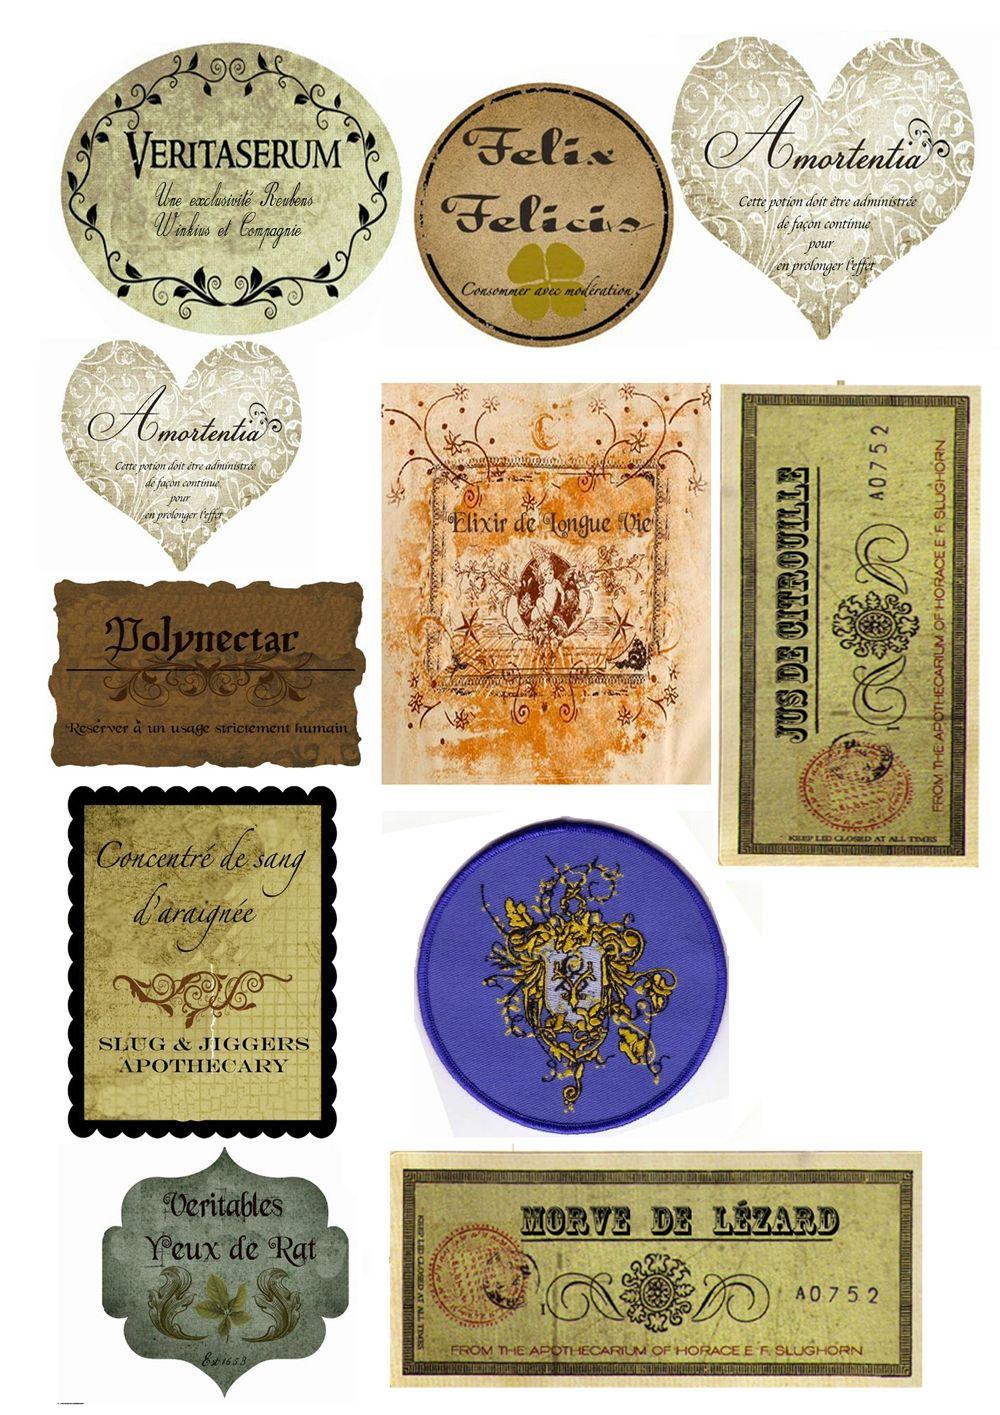 Livre De Potion Harry Potter : livre, potion, harry, potter, Nouveau, Livre, Potions, Bidouille, Harry, Potter, Noël,, Bricolage,, Anniversaire